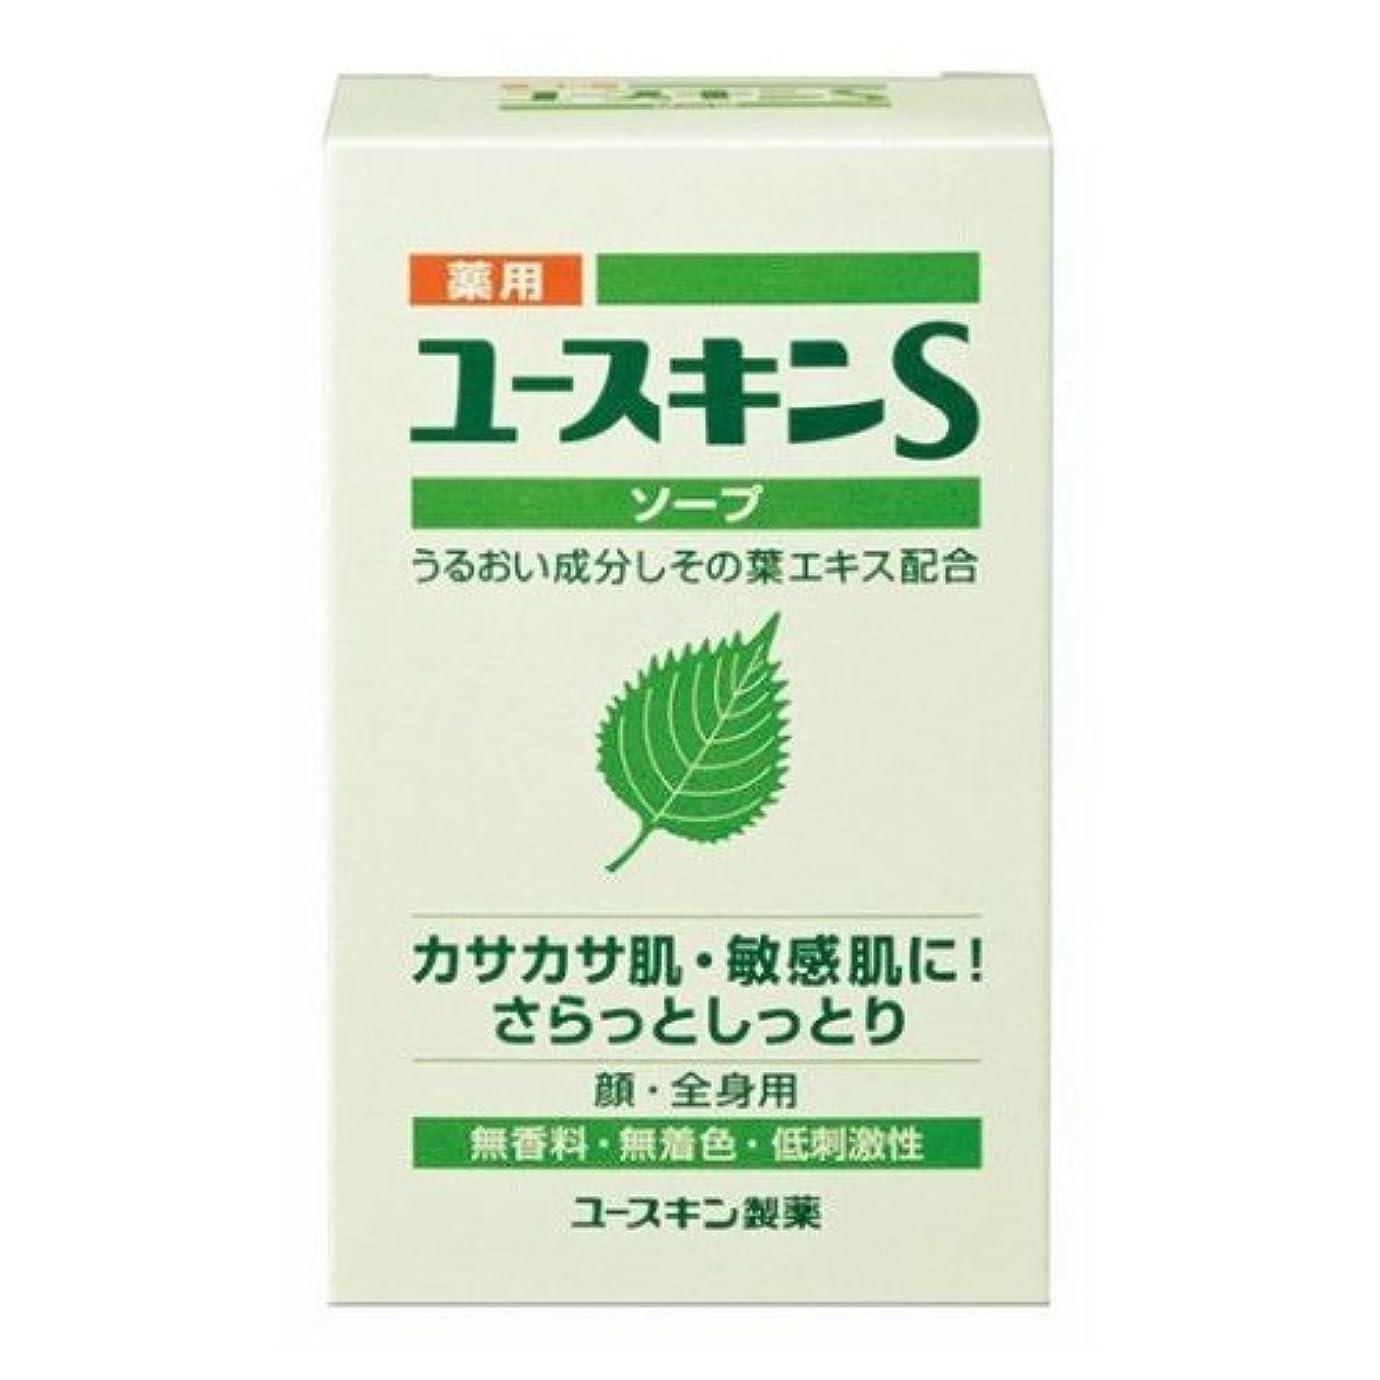 不調和実証する登場薬用ユースキンS ソープ 90g (敏感肌用 透明石鹸) 【医薬部外品】